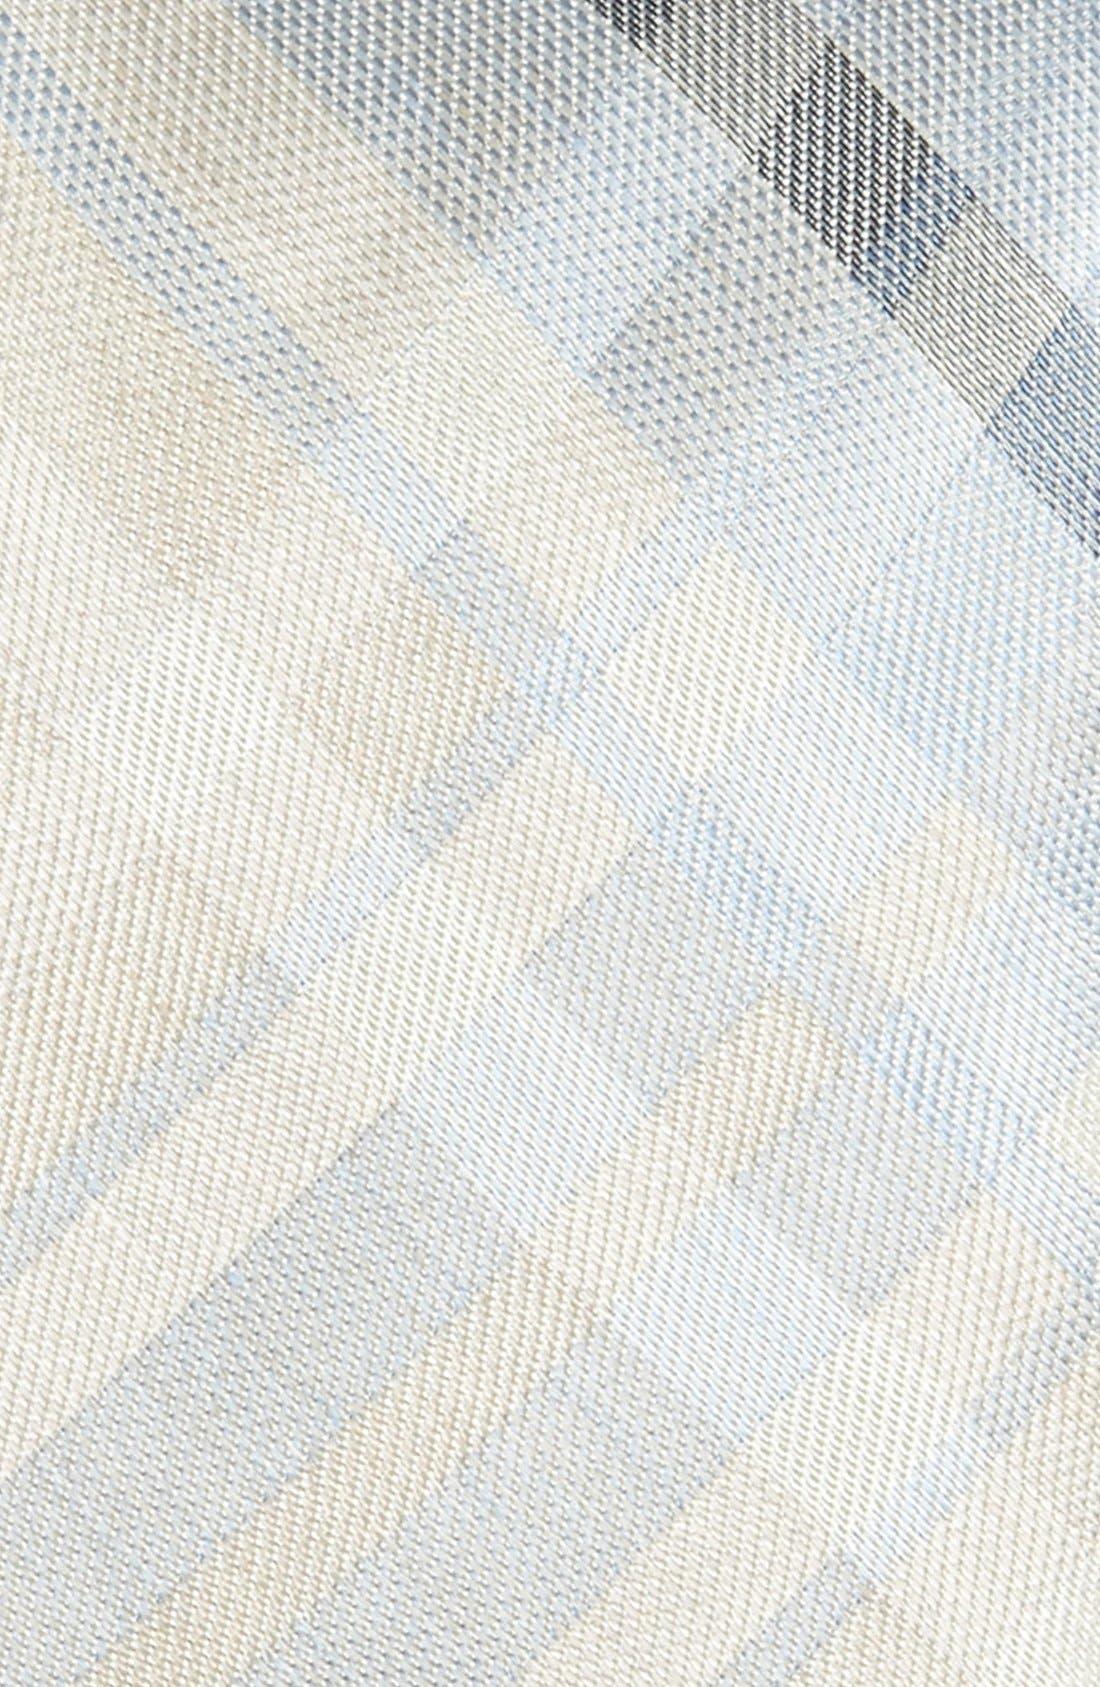 Alternate Image 2  - Robert Talbott Woven Tie